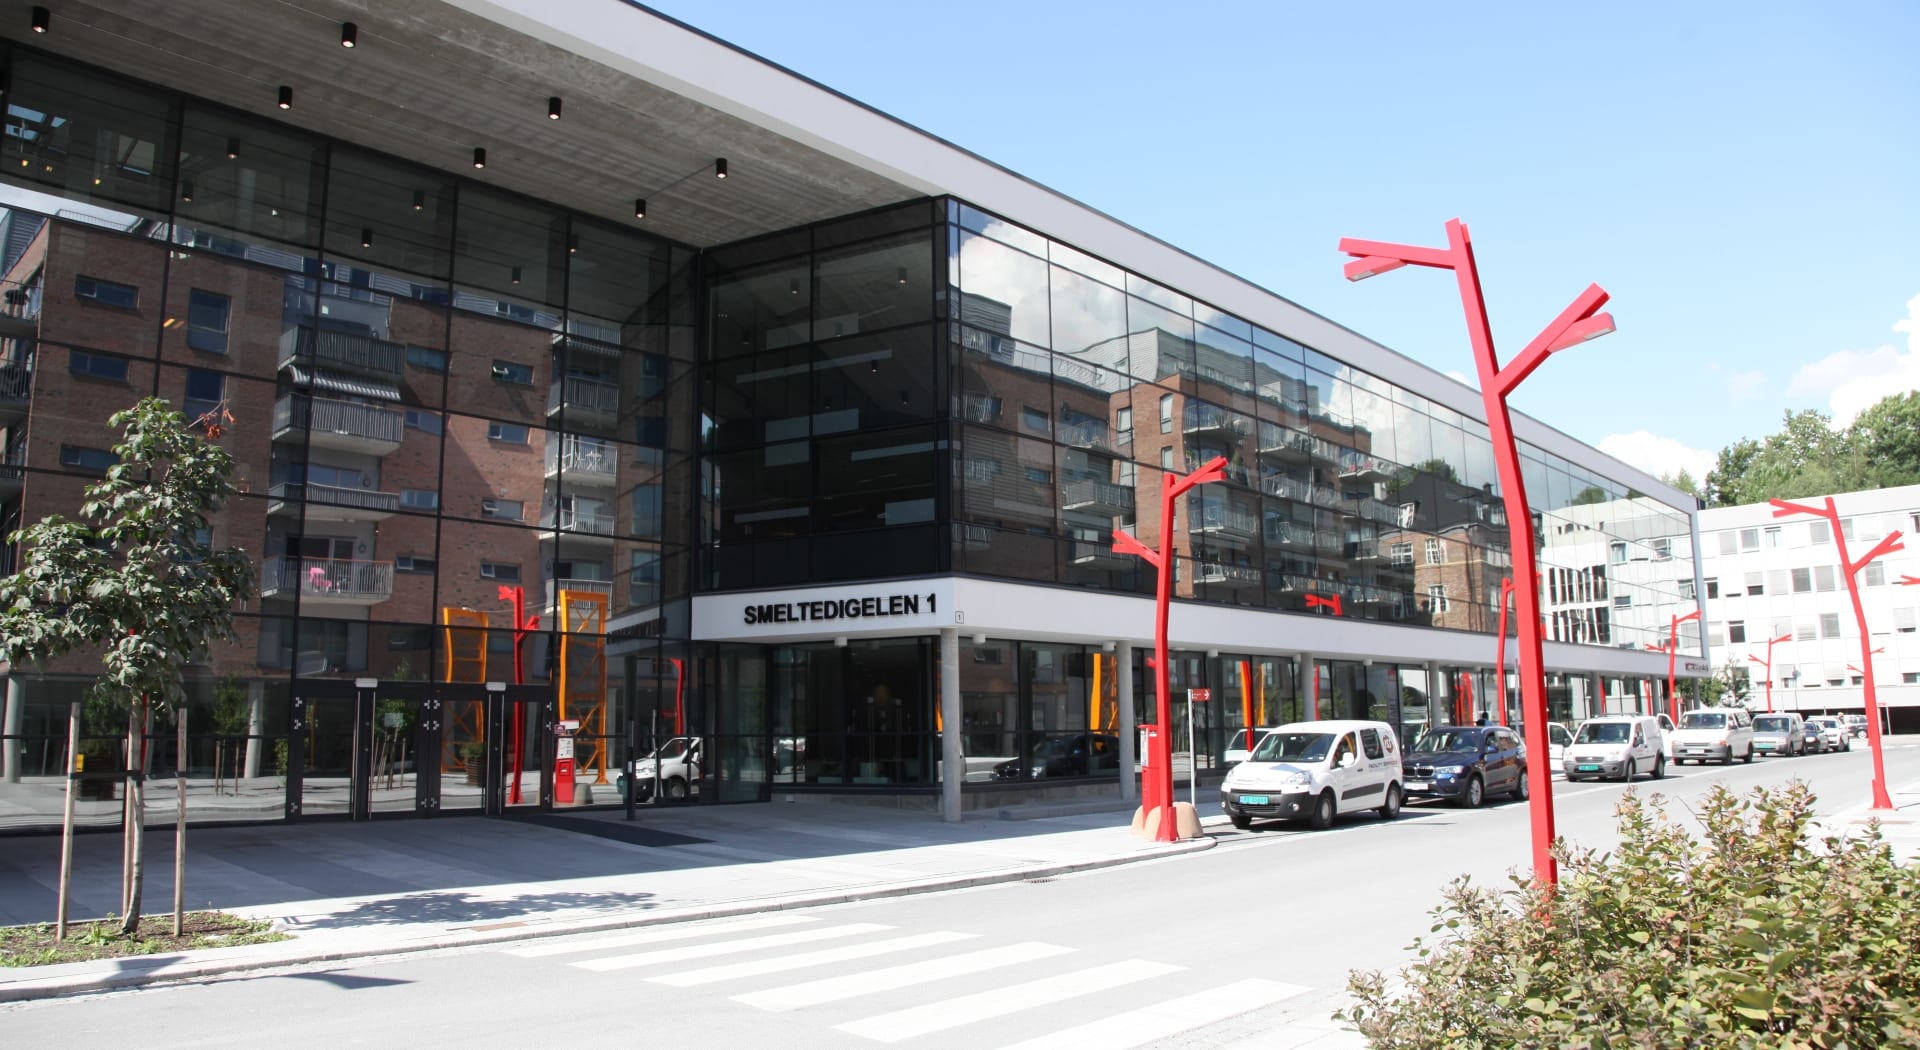 Kværnerhallen, Oslo Ks nabobygg i Kværnerbyen, hvor Amesto holder til.